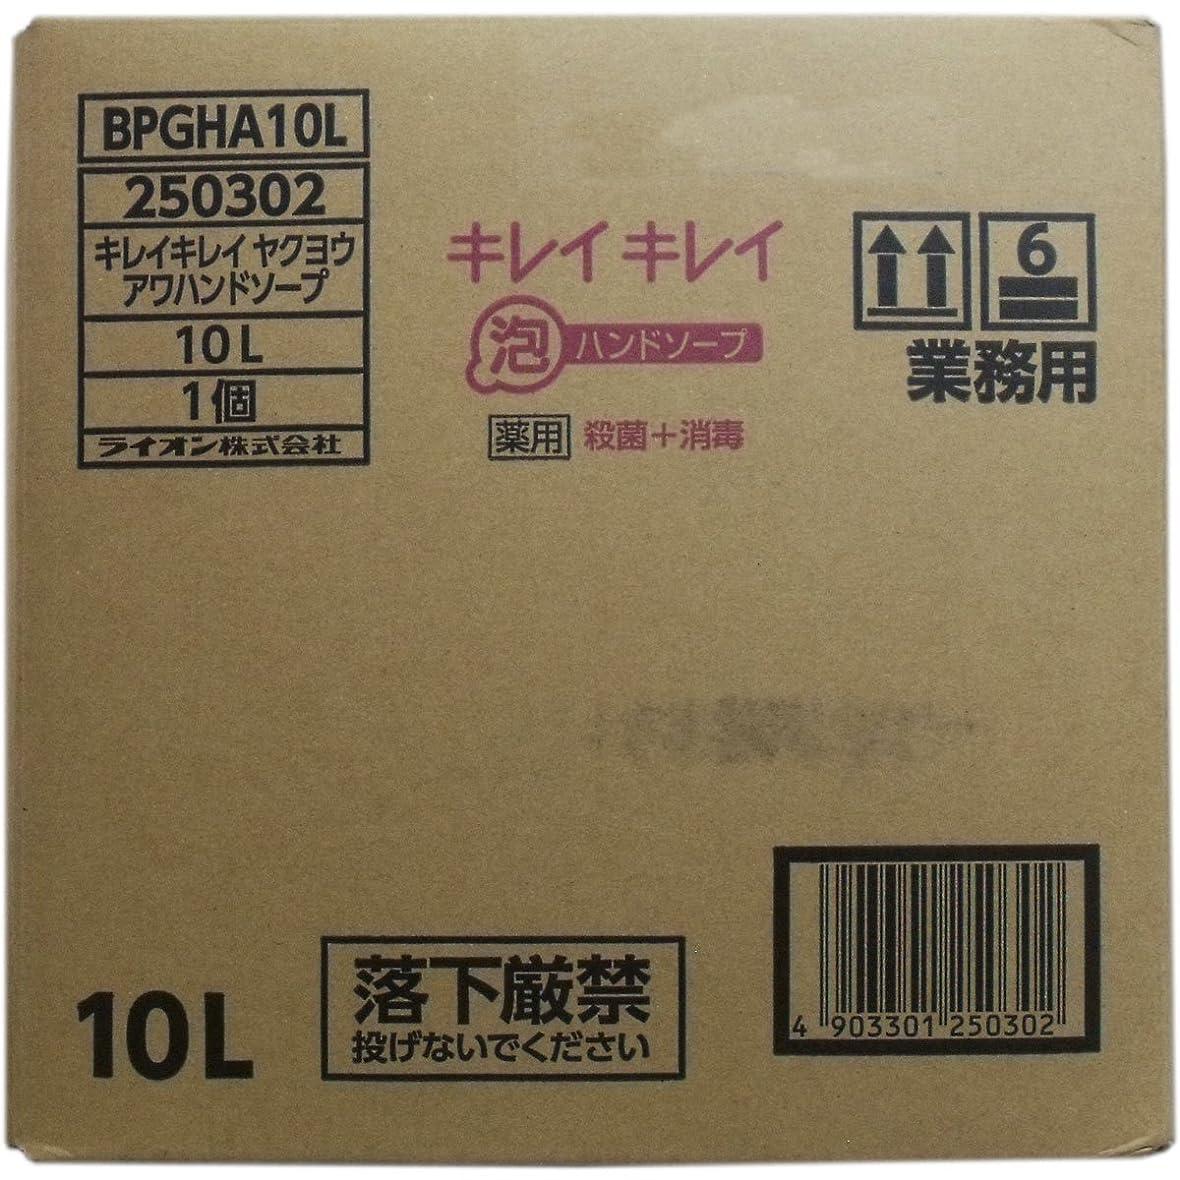 疑わしい信条ガード業務用キレイキレイ 薬用泡ハンドソープ 10L×10個セット